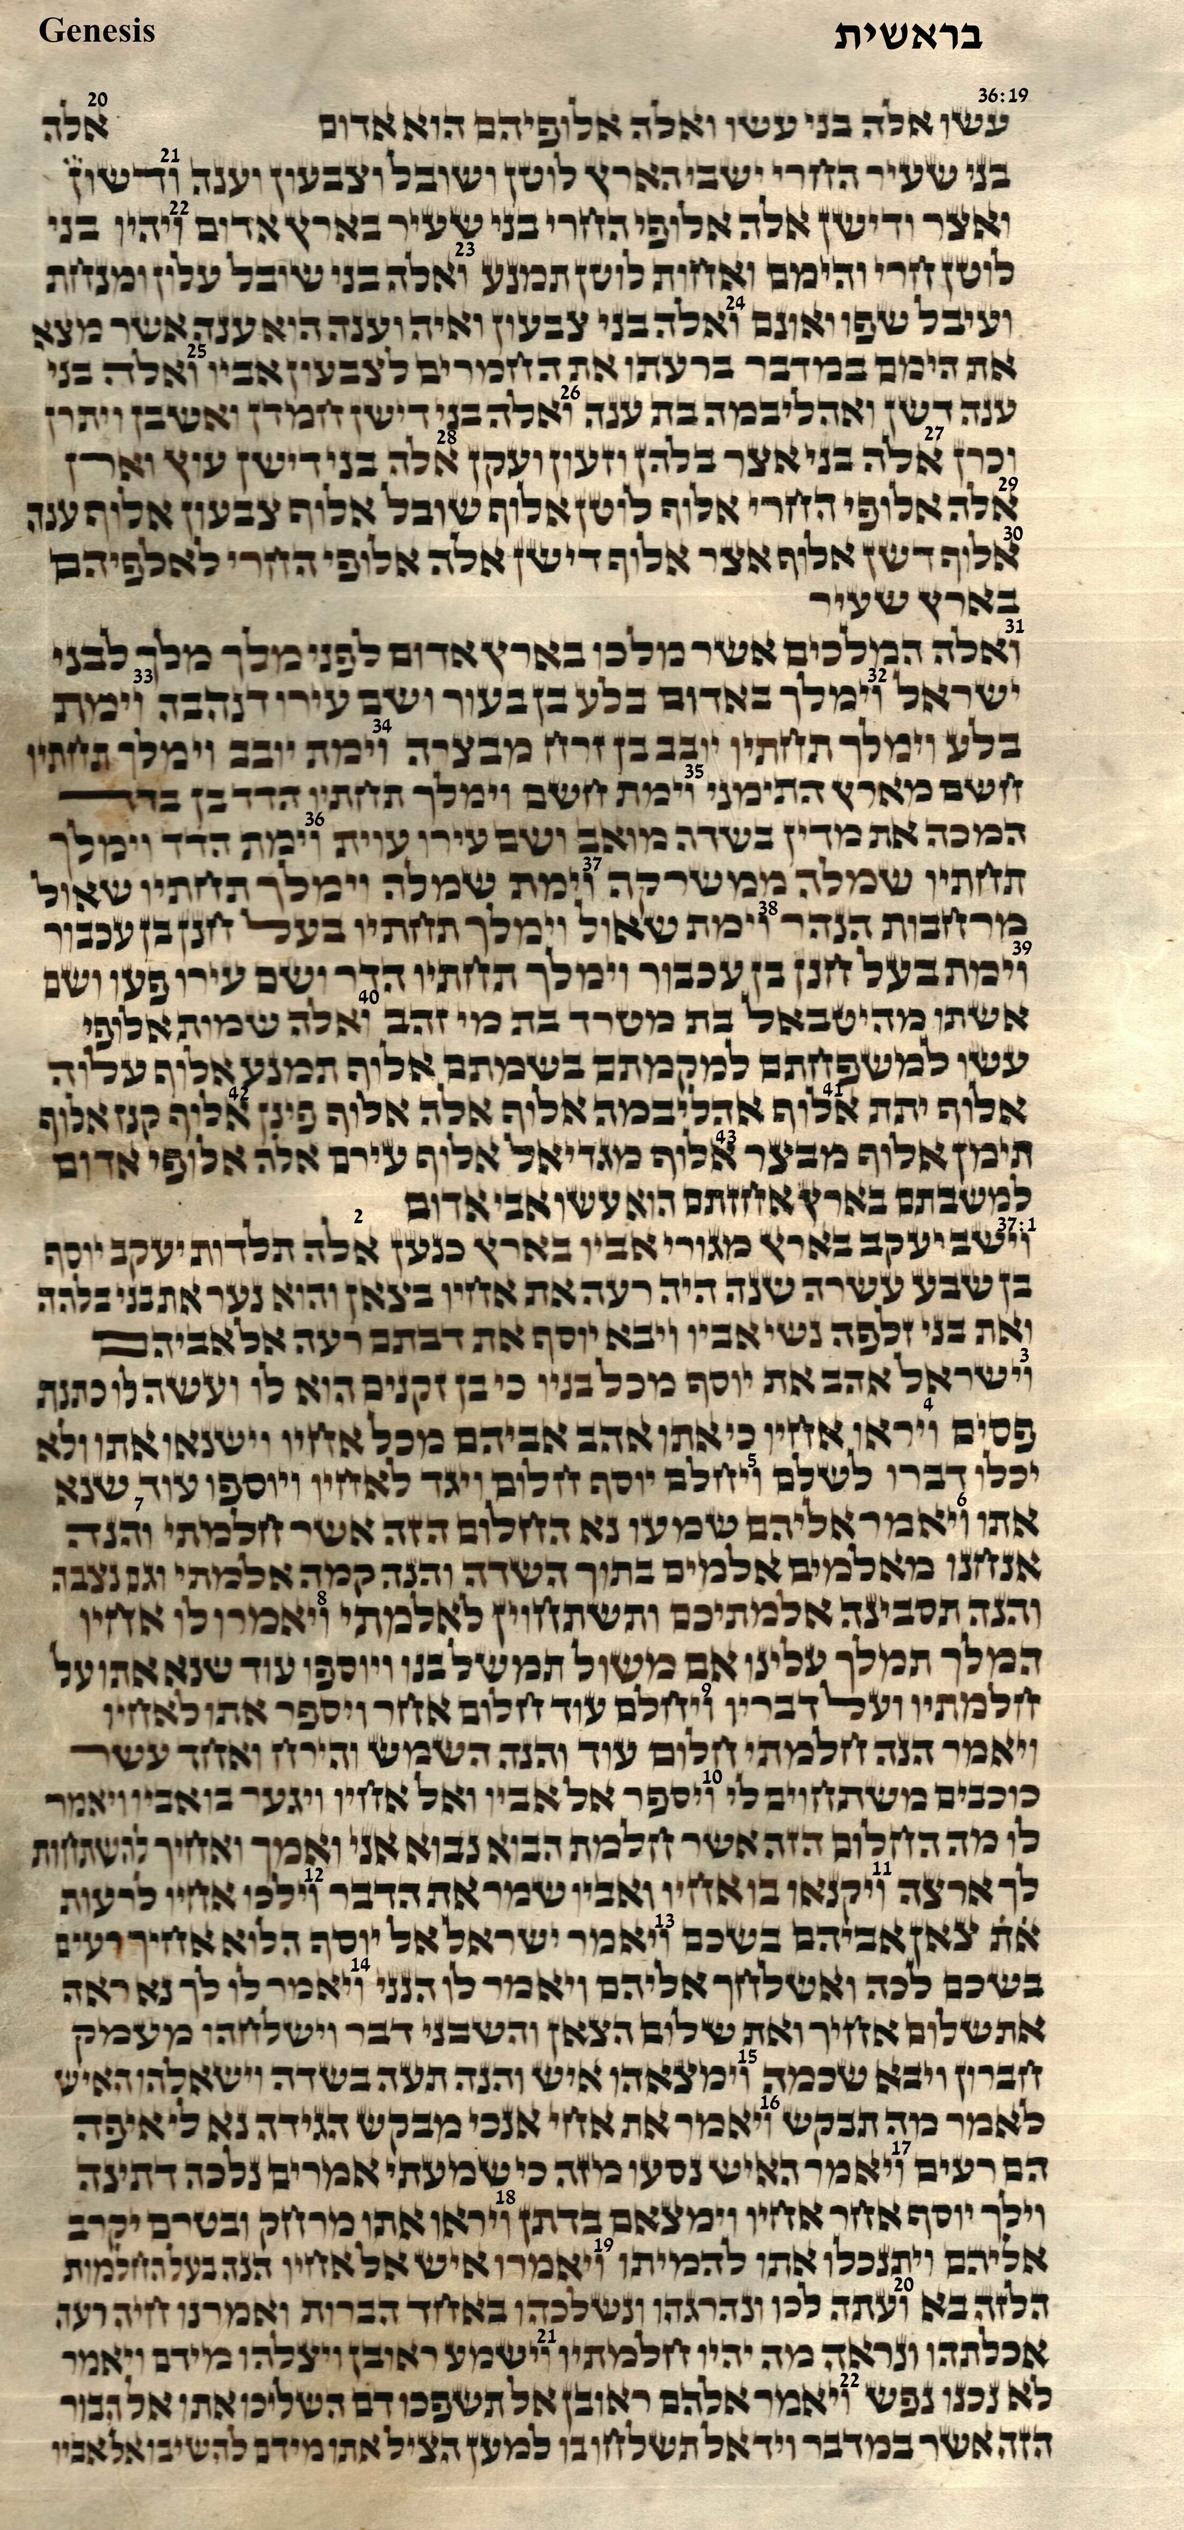 Genesis 36.19 - 37.22